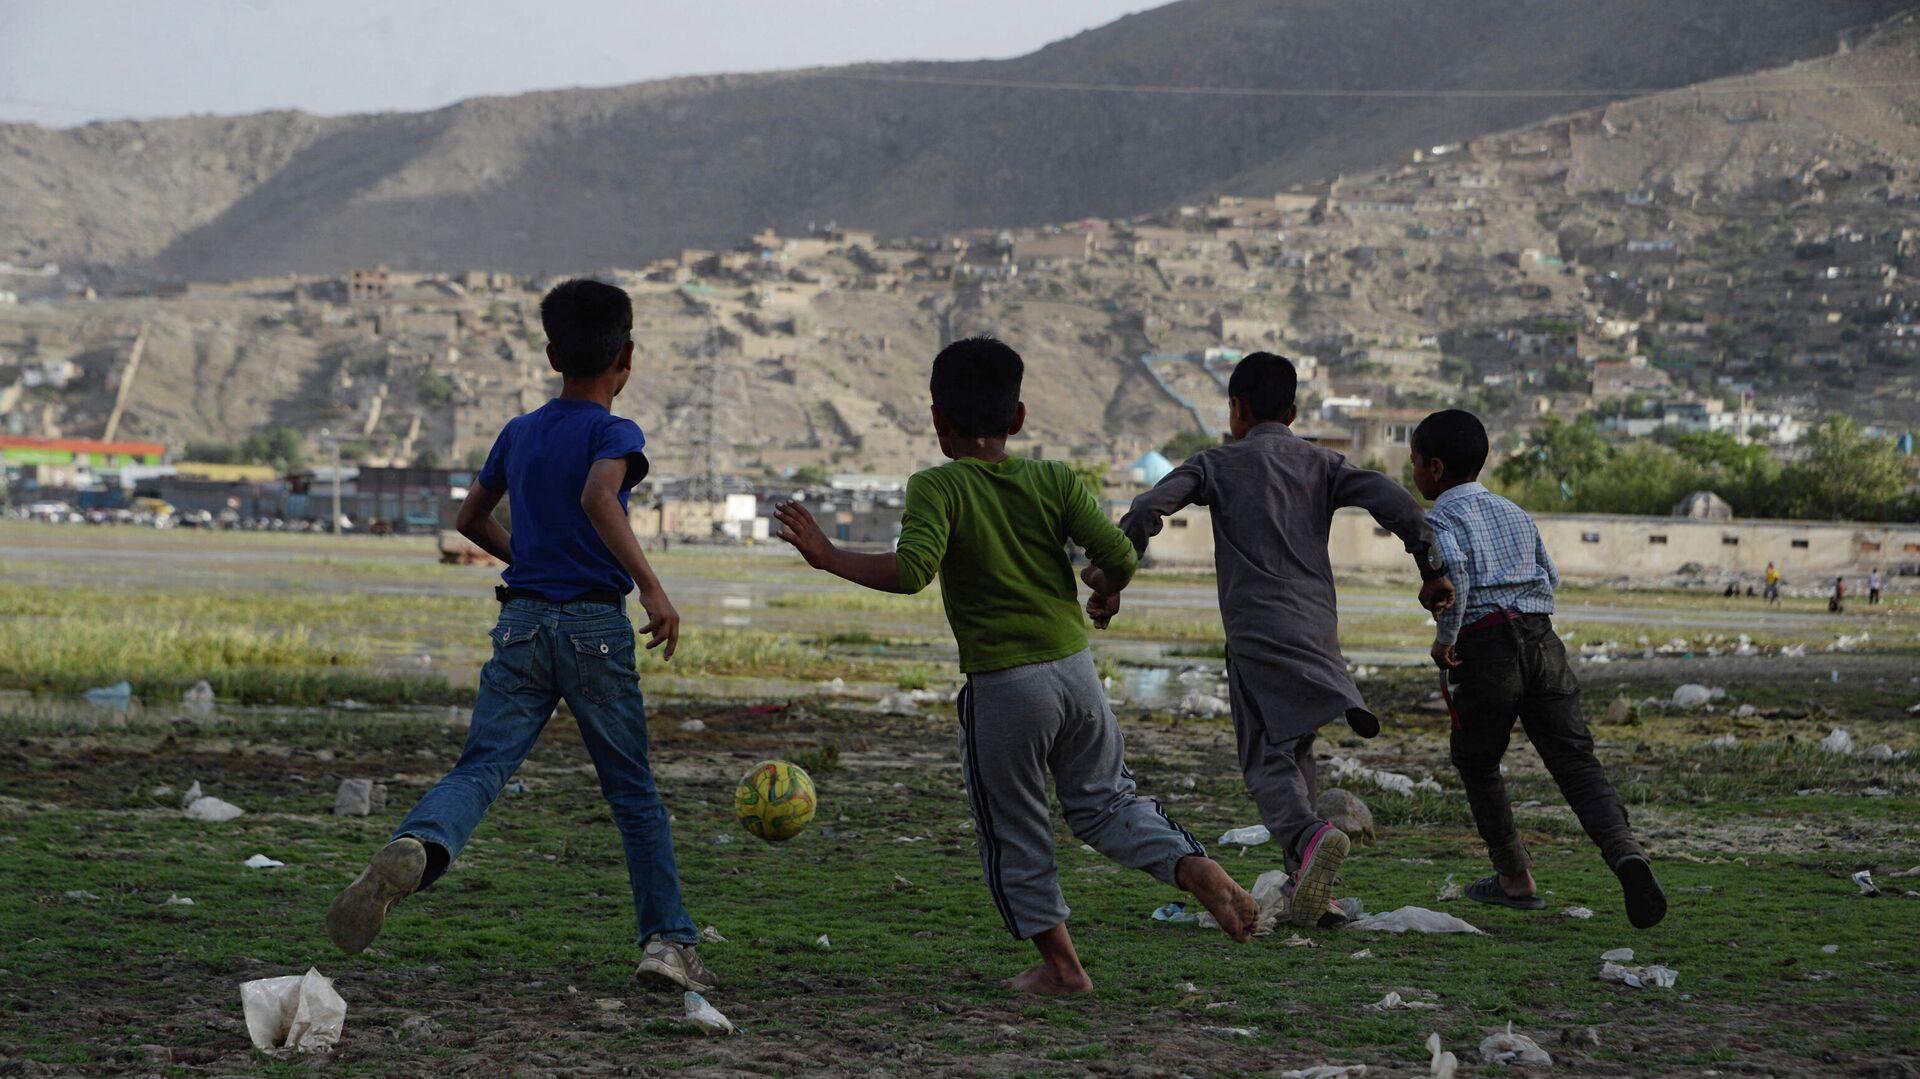 Афганские дети играют в футбол на поле в Кабуле, архивное фото - Sputnik Таджикистан, 1920, 24.09.2021